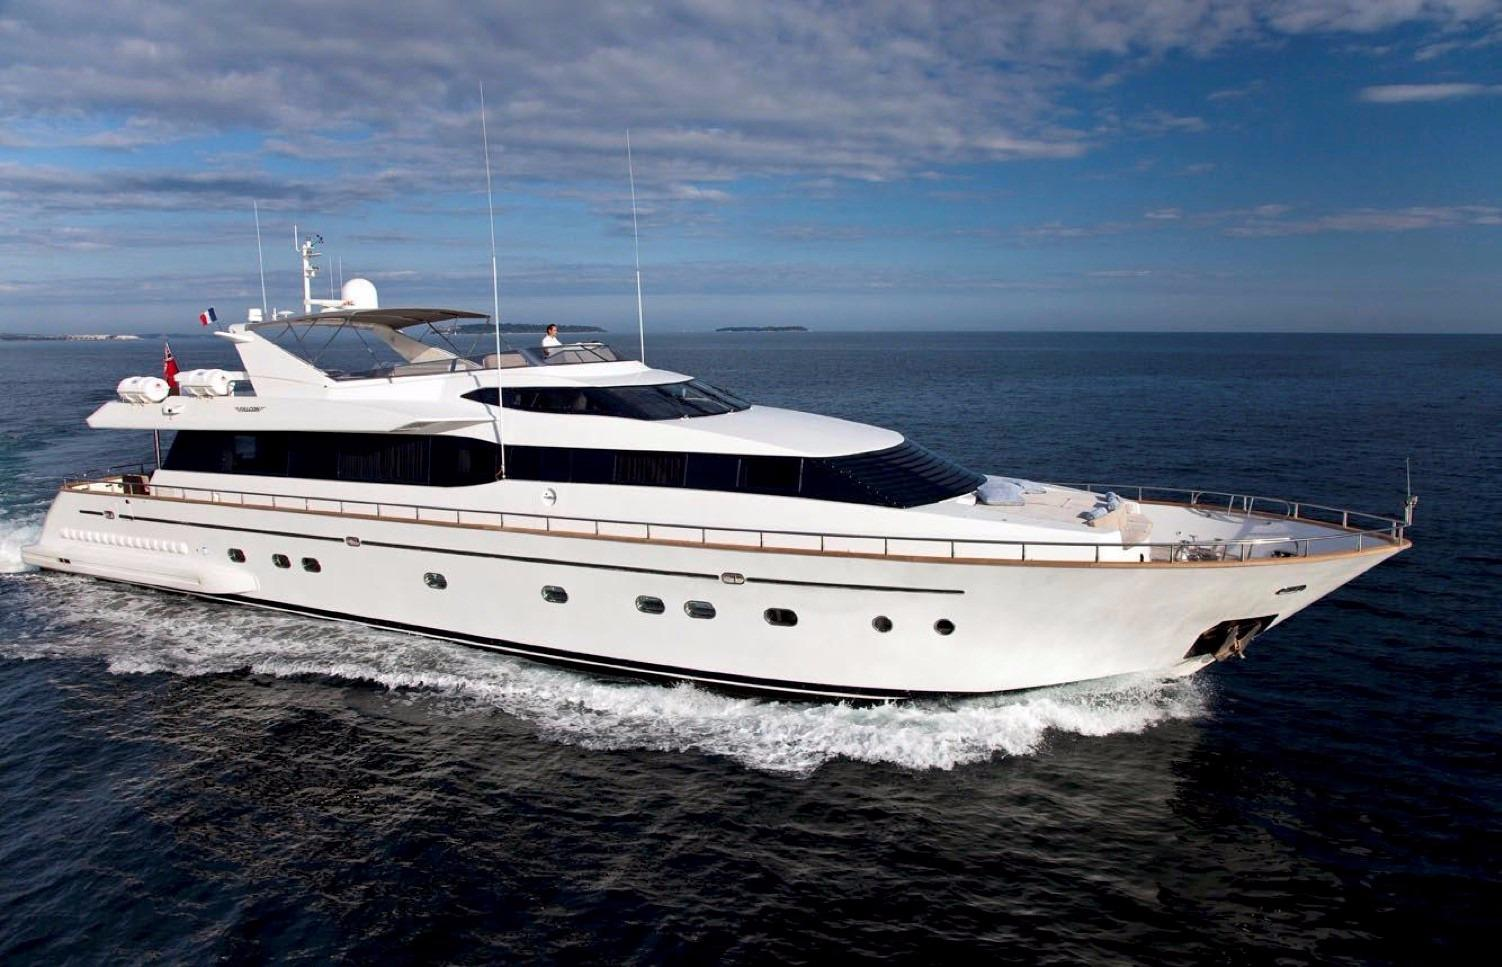 Liberte IV Yacht Charter Details, Falcon   CHARTERWORLD ...